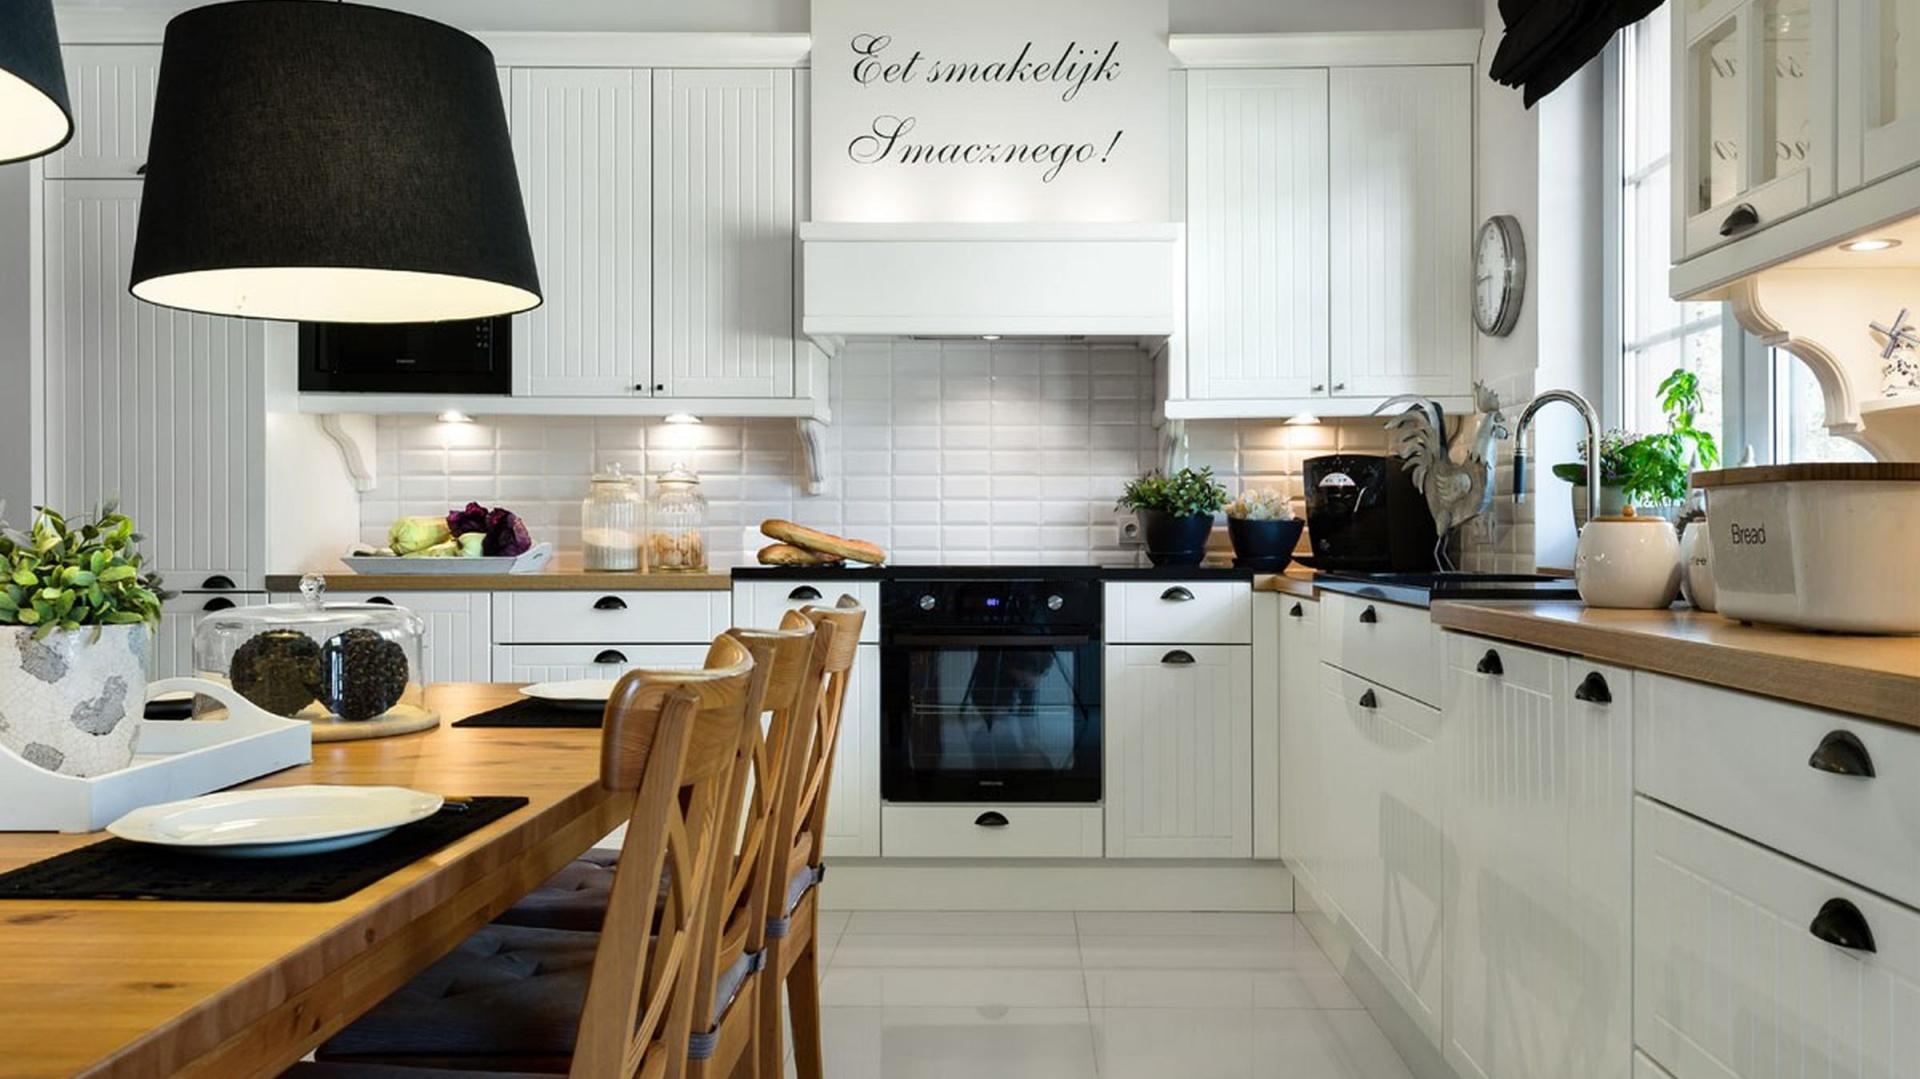 Blaty kuchenne zostały wykonane w dwóch kolorach i materiałach. Połączono tutaj czarny granit oraz laminat dębowy. Czerń komponuje się z ozdobnymi uchwytami na białych drzwiczkach, a laminat imitujący drewno ociepla przestrzeń. Fot. Pracownia Mebli Vigo, kuchnia Navia.